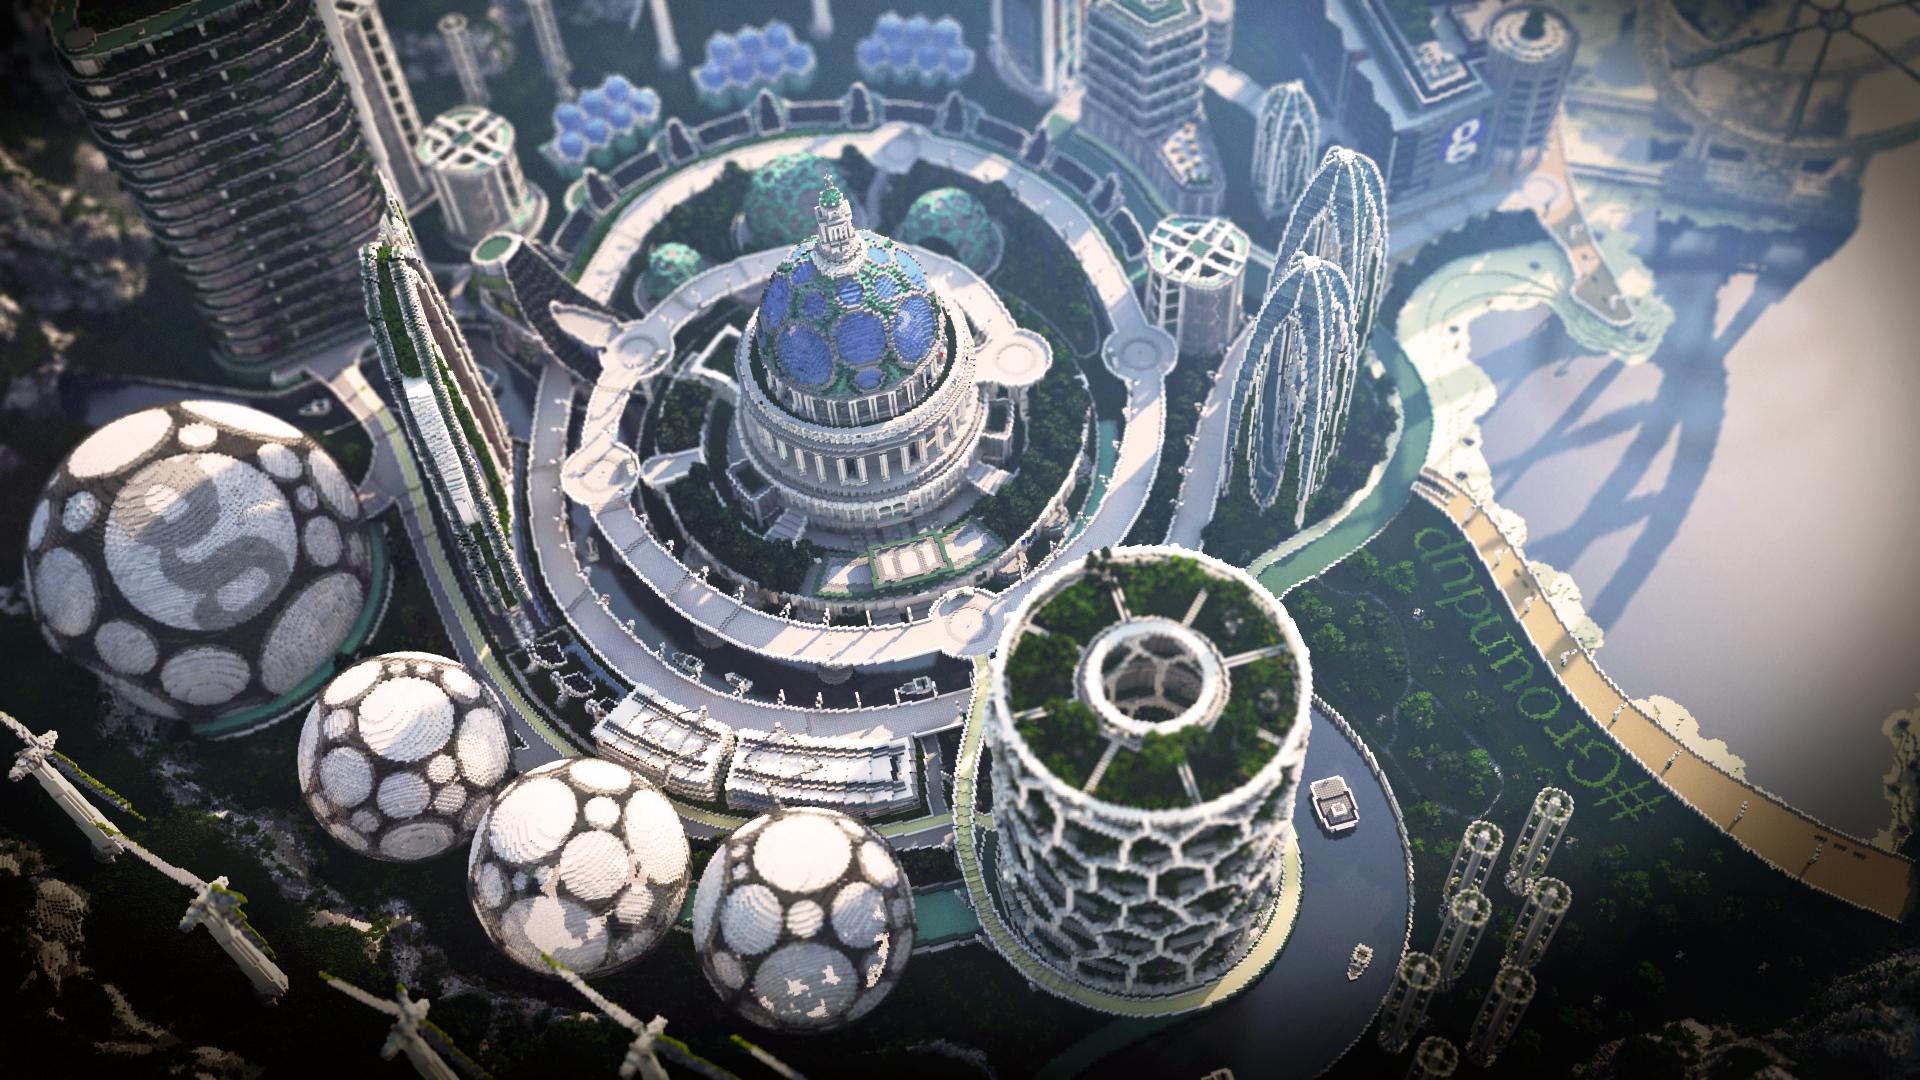 Hravá budoucnost moderních měst: Jak hry ovlivňují reálnou architekturu